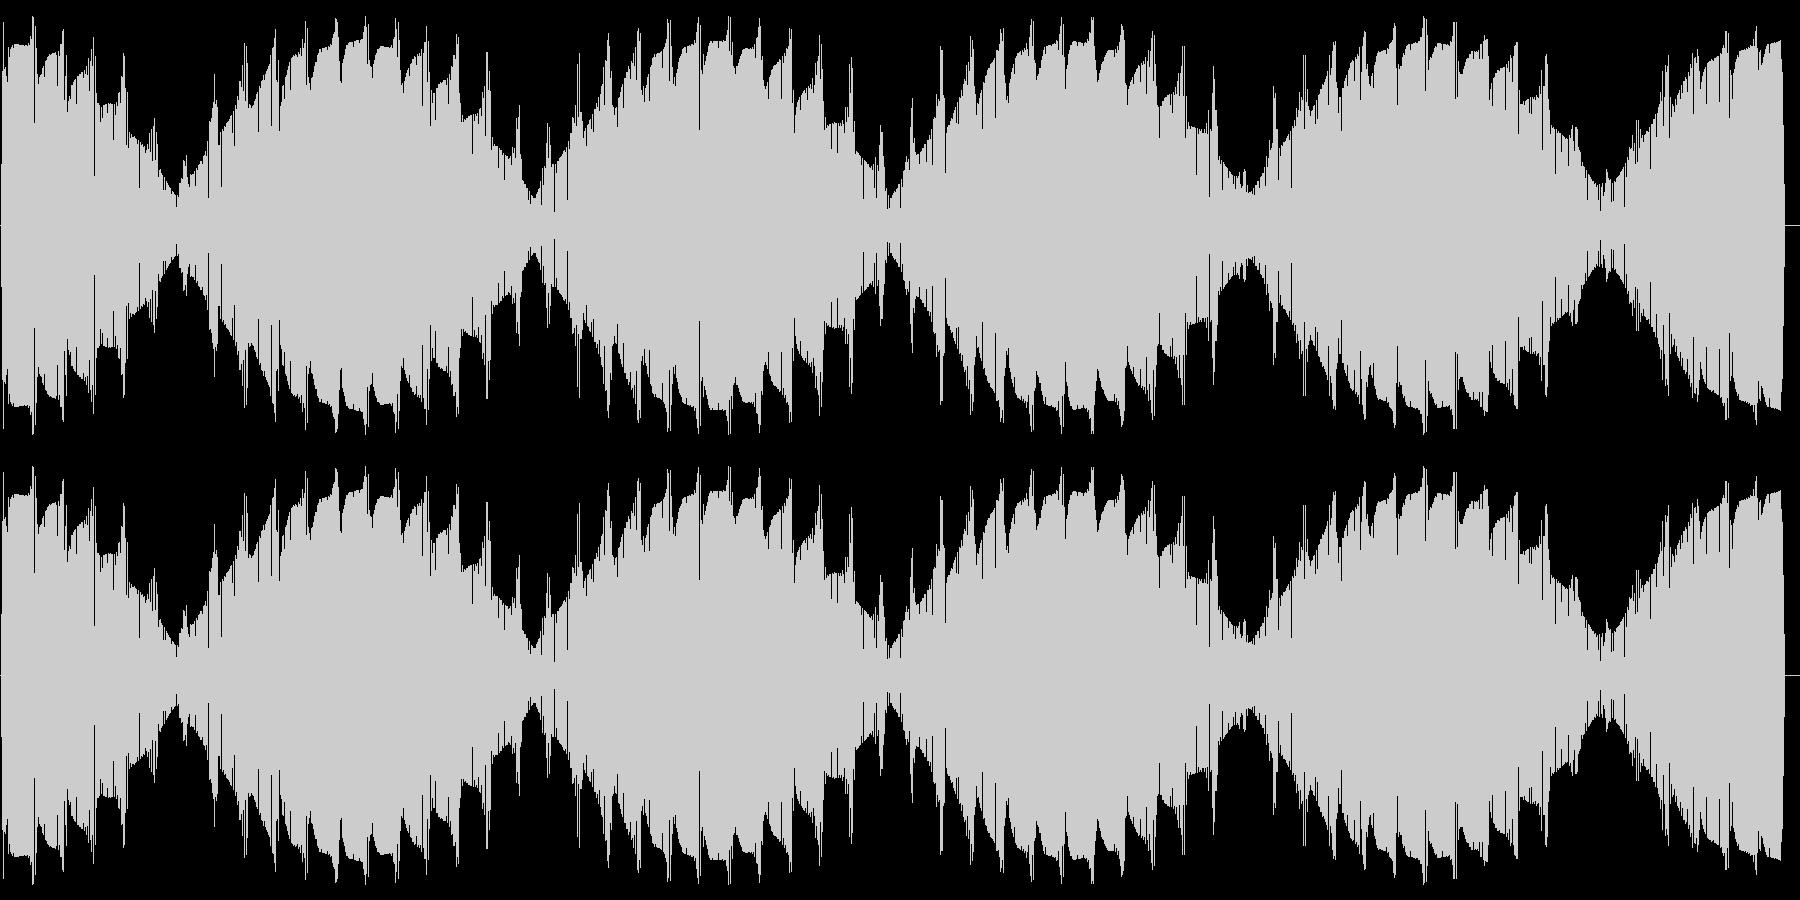 ワープエンジン(出力50%に保たれた音)の未再生の波形